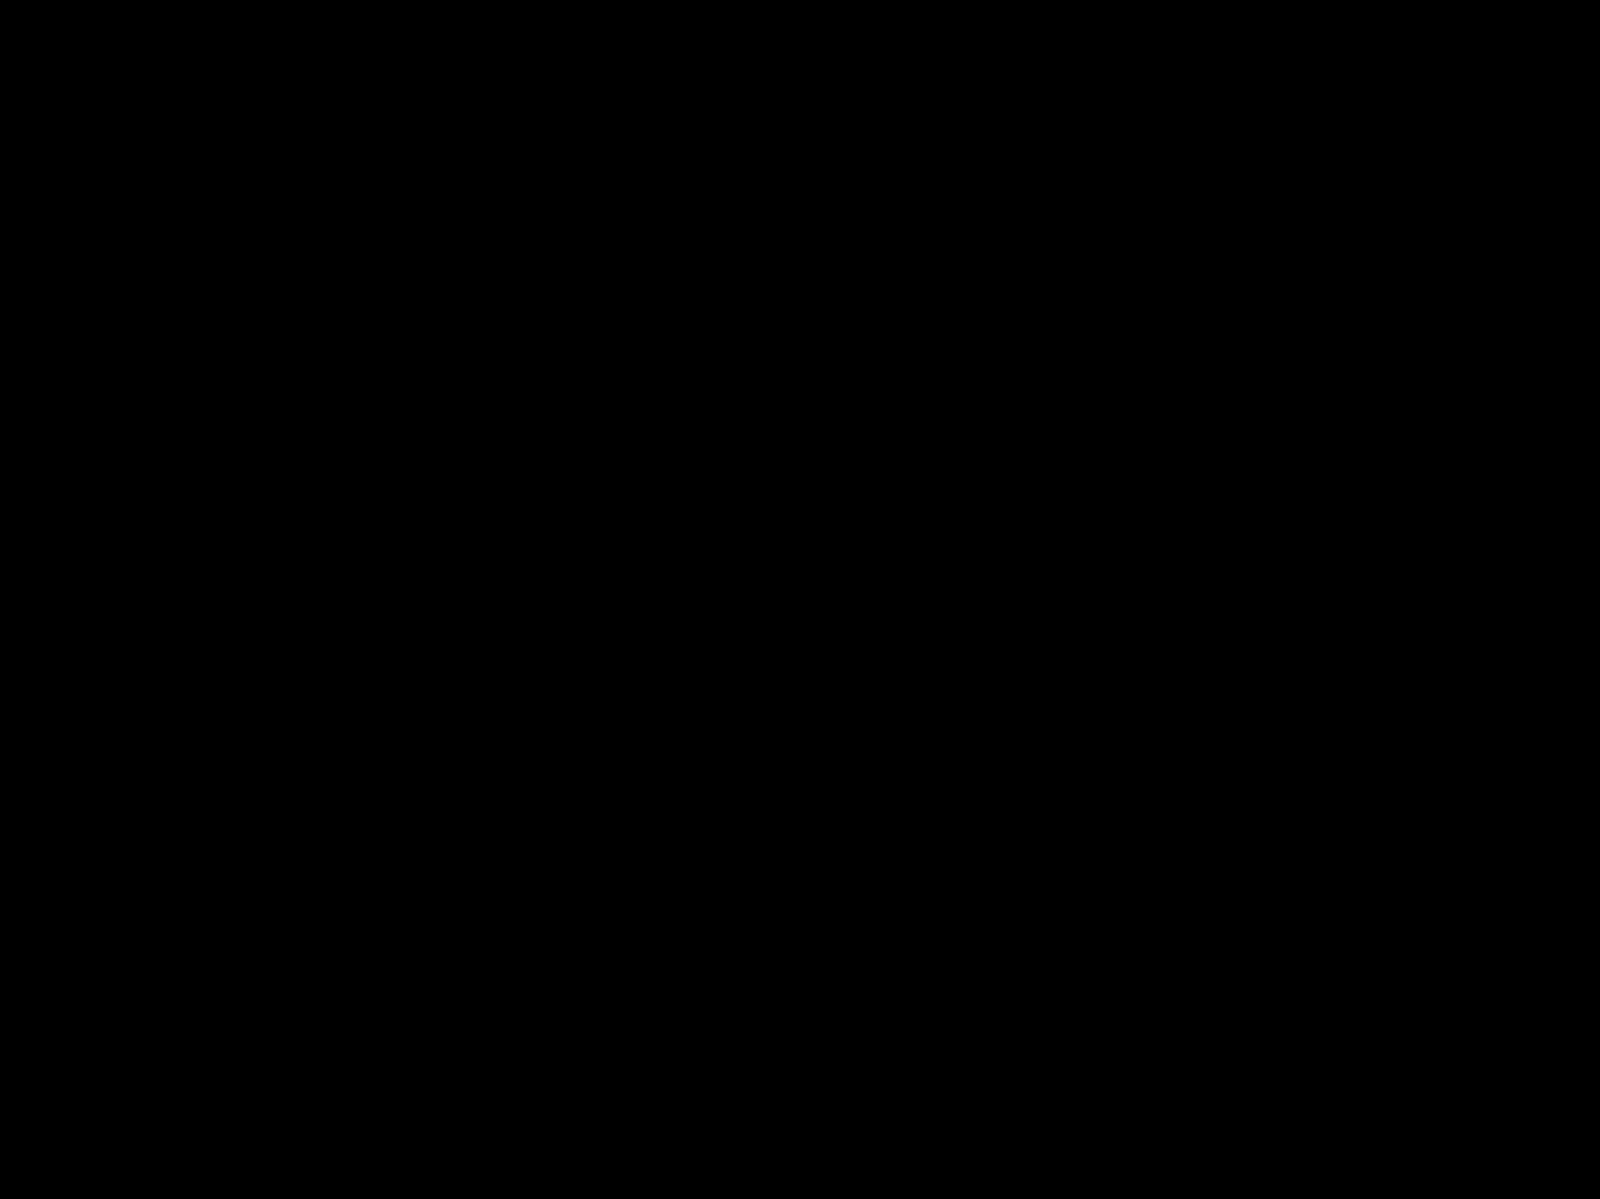 ff02dd4d-b6b5-4163-84af-f5596cd5ca77.jpeg